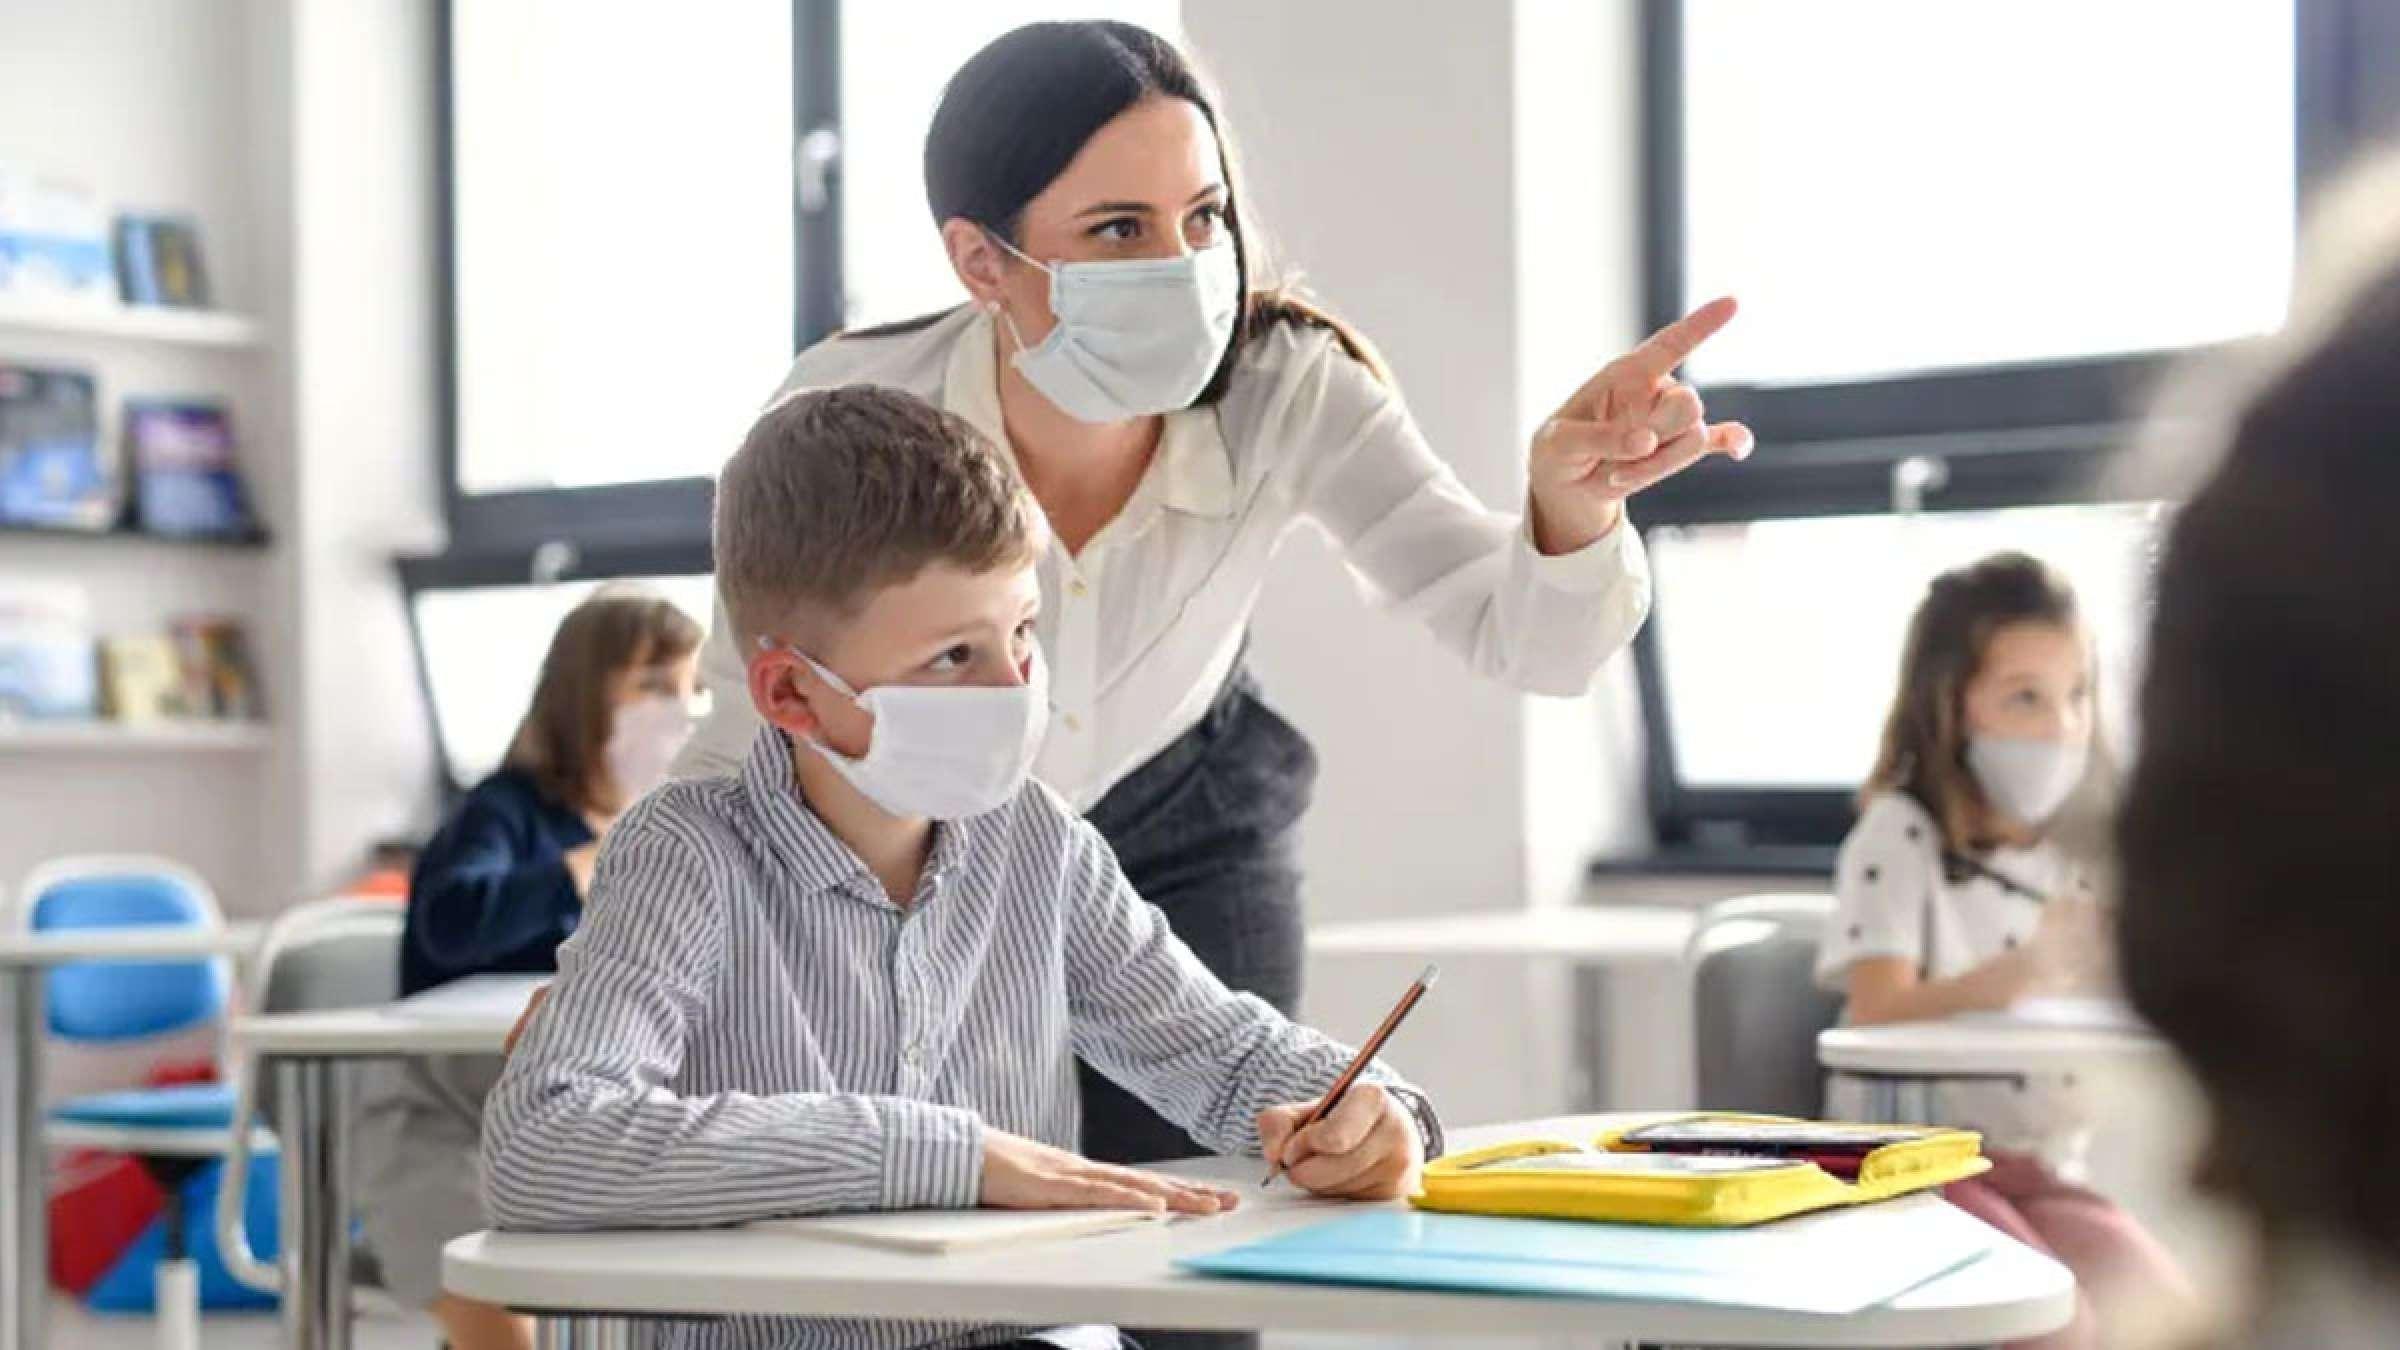 اخبار-کانادا-مدارس-حضوری-انتاریو-و-کبک-امسال-تعطیل-شدند-دیدارها-به-پاییز